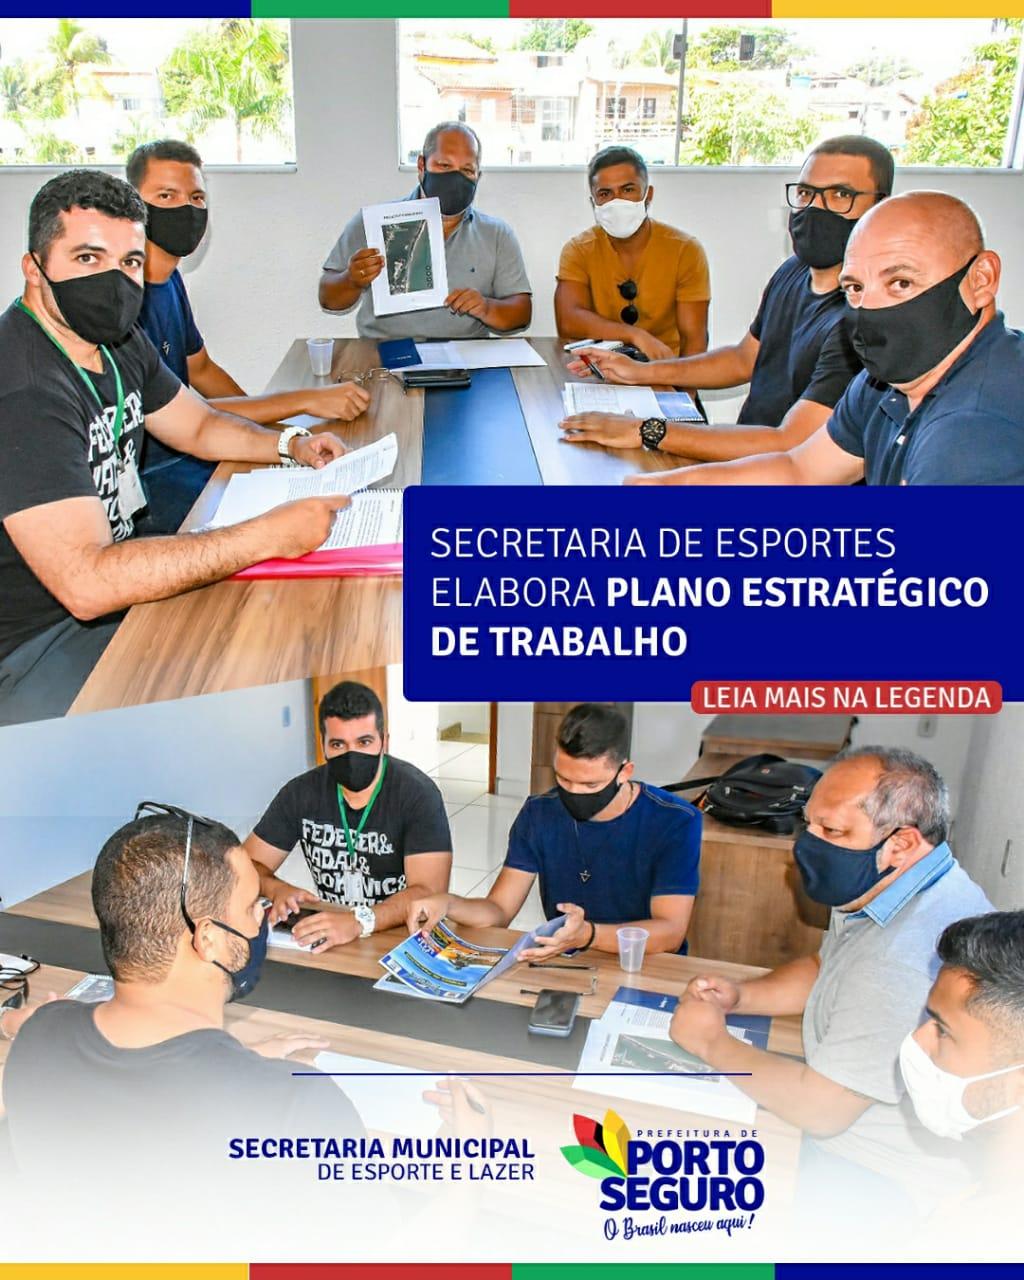 Calendário anual de eventos, incentivo a projetos sociais e apoio ao esporte de rendimento estão entre os projetos para Porto Seguro 18